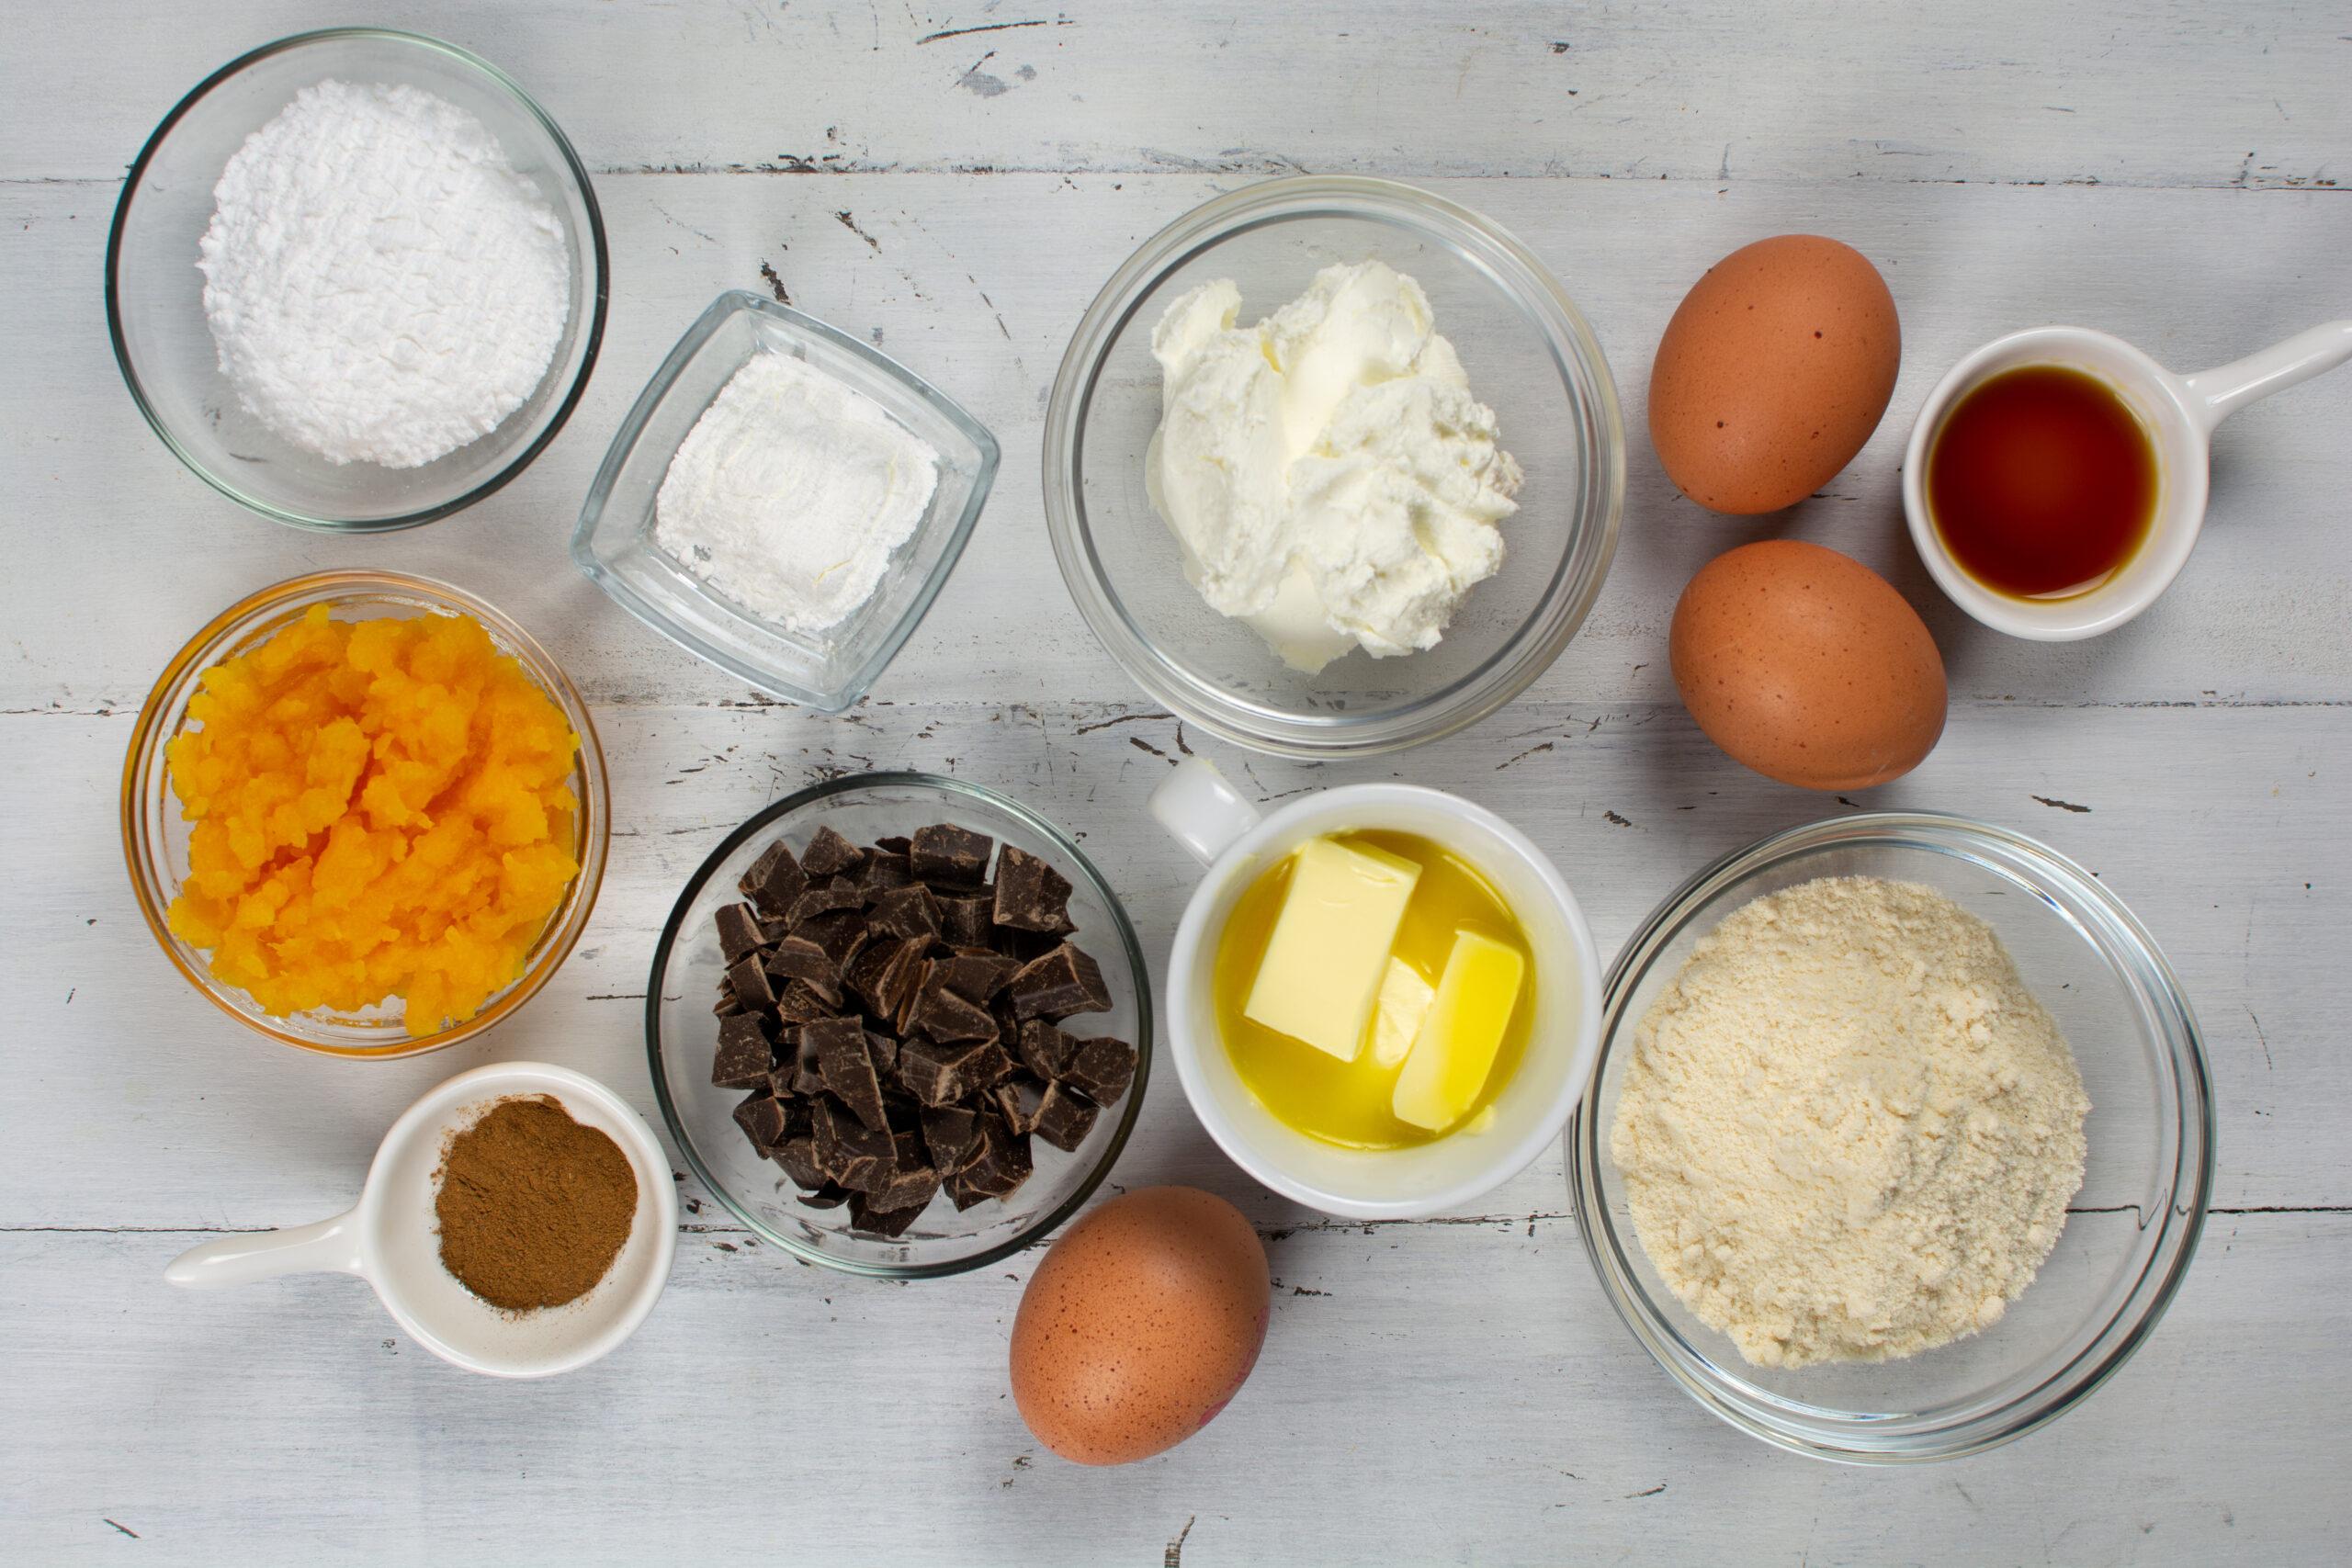 Keto Chocolate Chip Pumpkin Cookies Ingredients